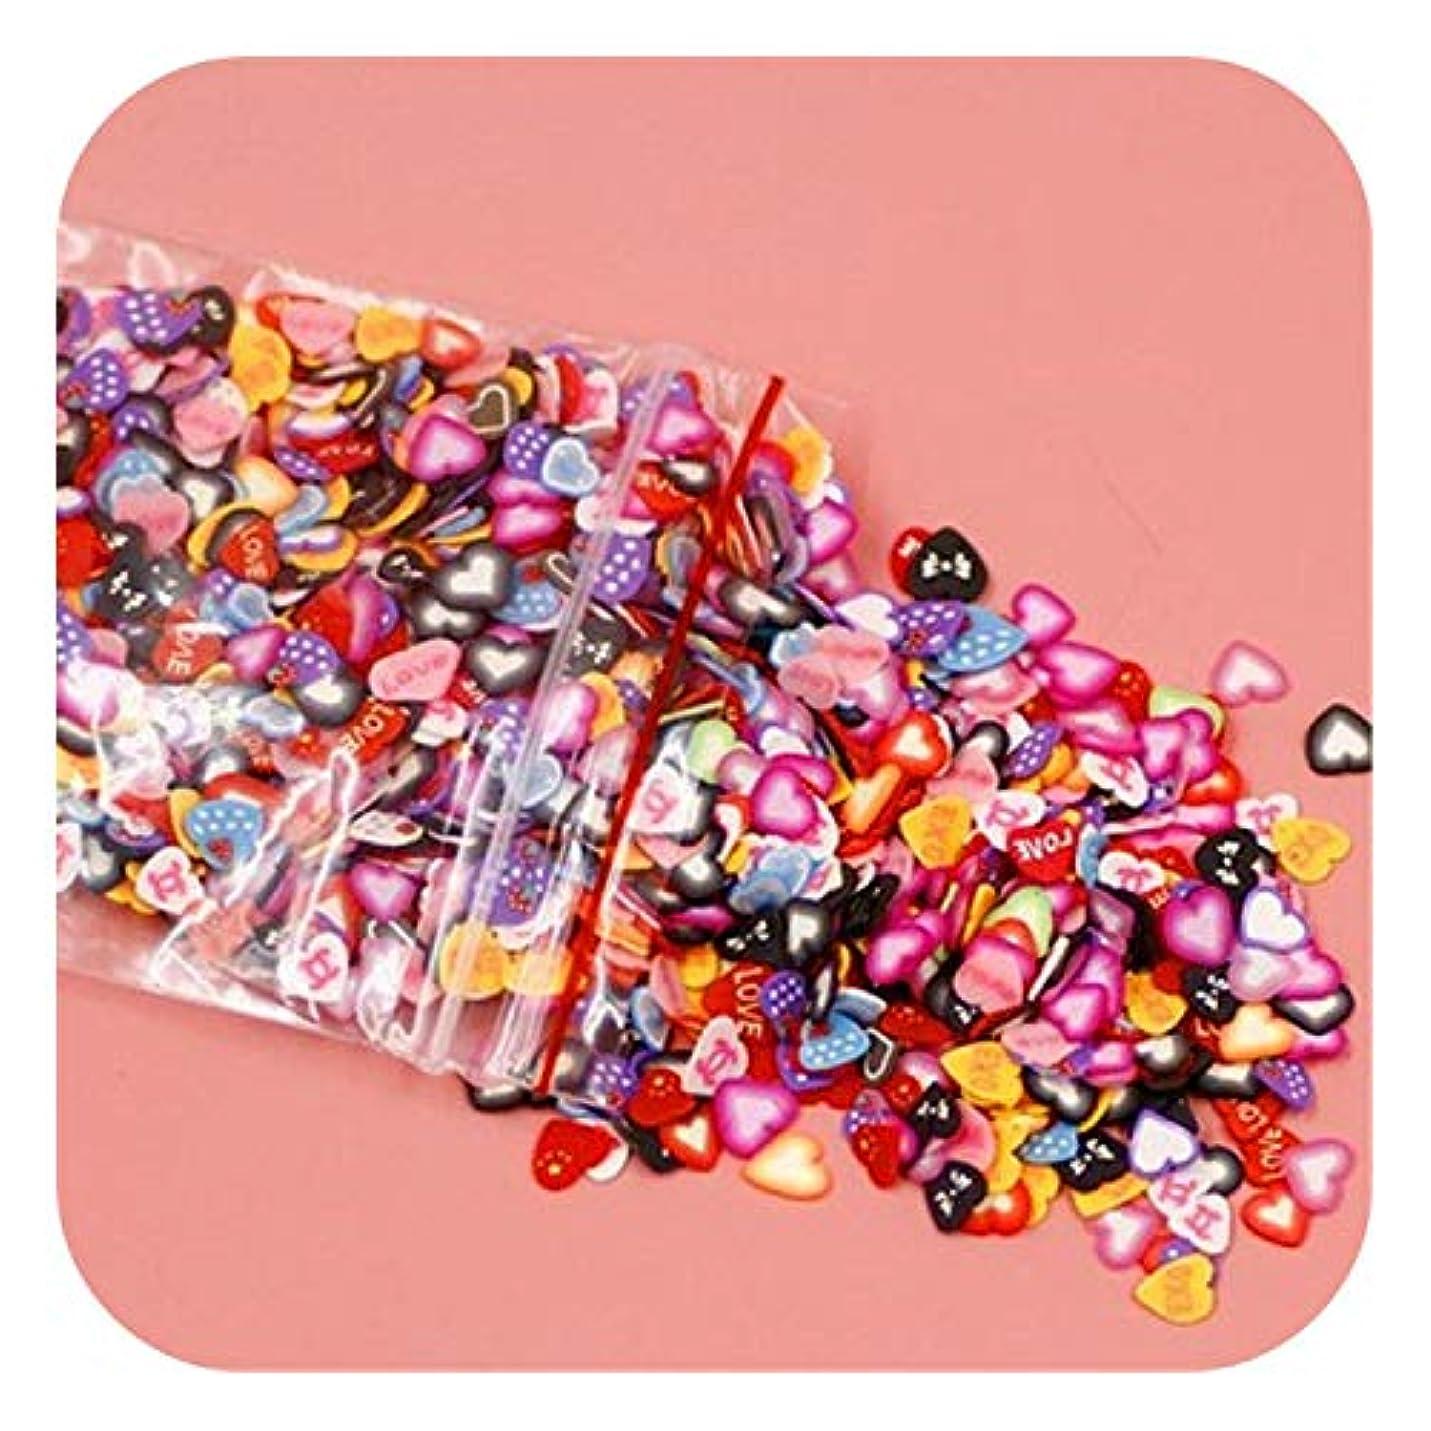 パースブラックボロウ賢明な縫うプラスチシン追加ソフトセラミックフルーツピース1000個混合フルーツバーネイルジュエリーパッチDiy用品,11